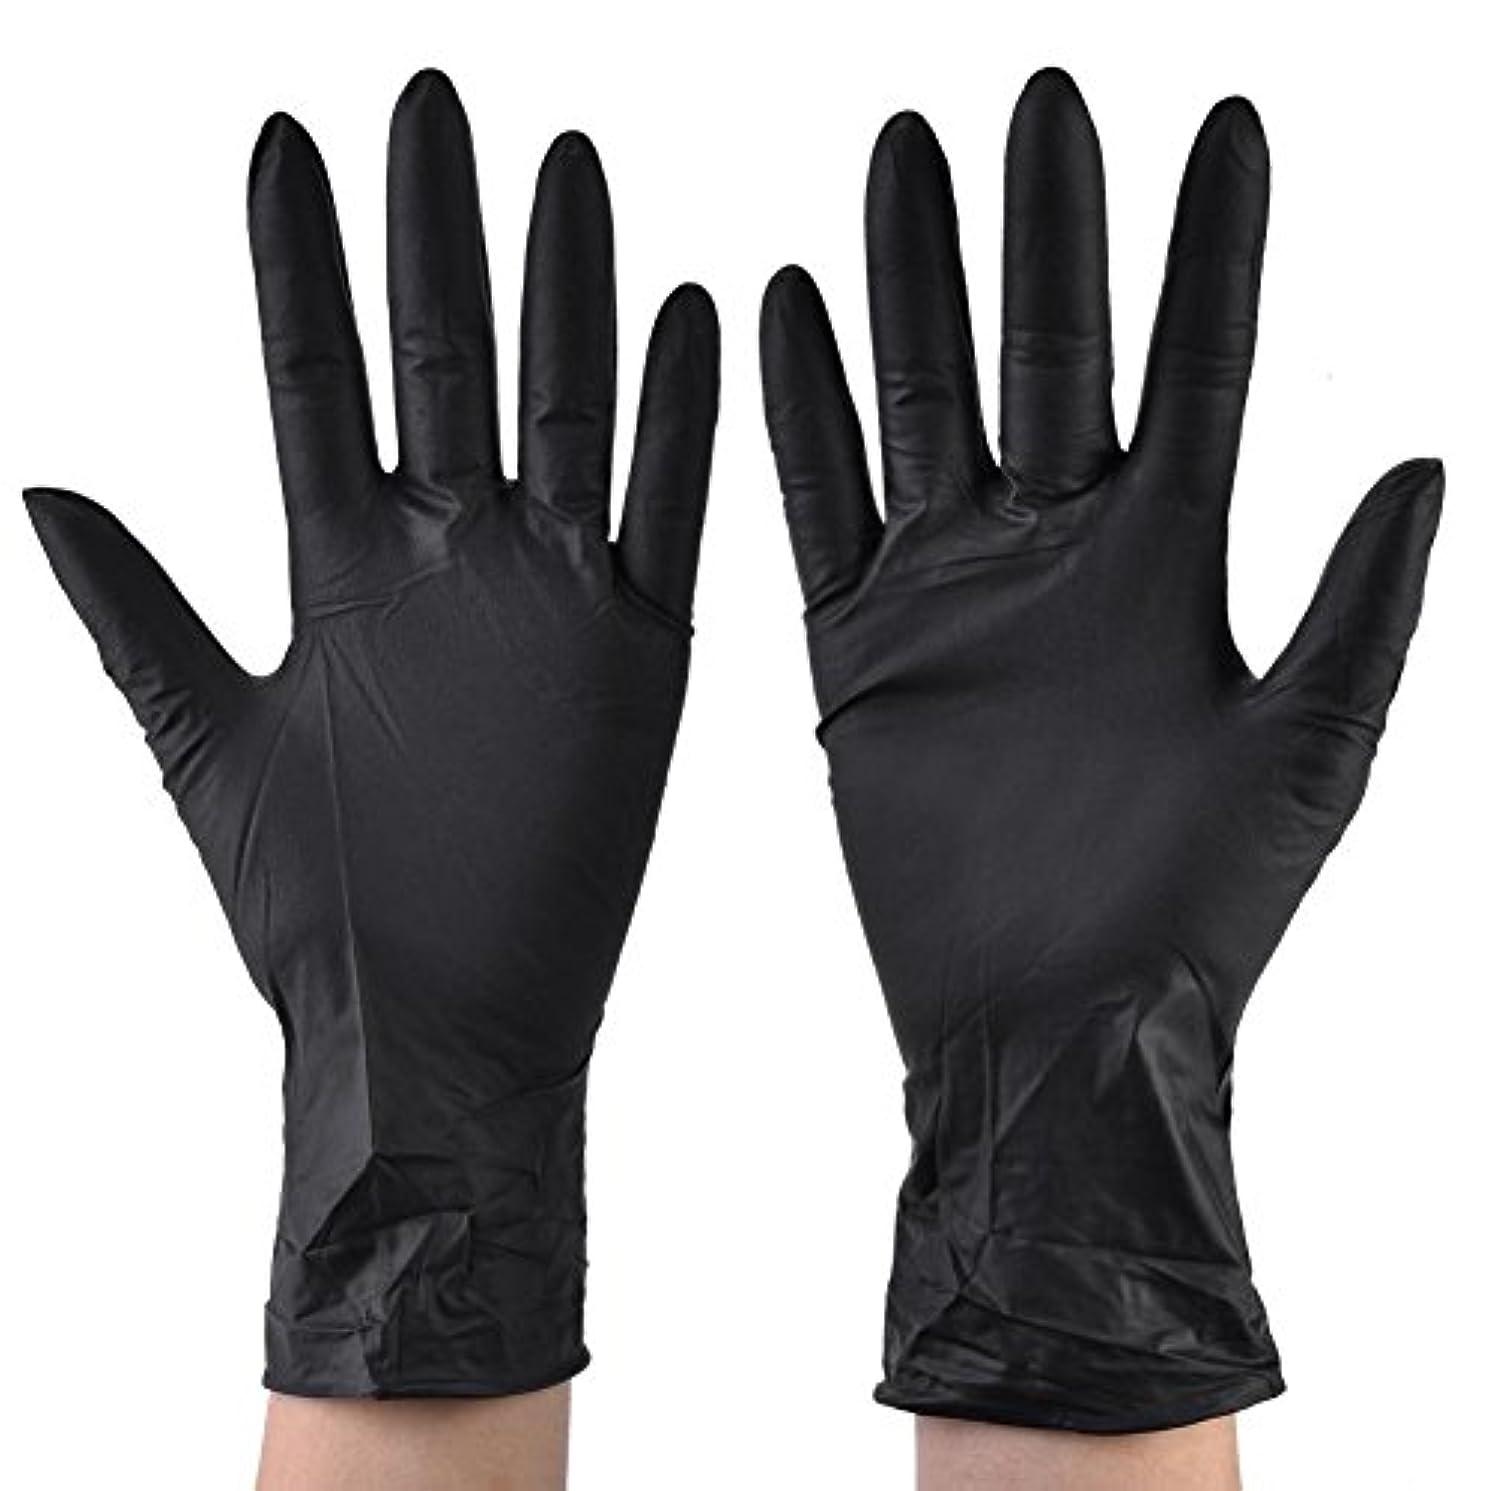 抽出立証する支払い100pcs使い捨てニトリル手袋医療グレードラテックスフリーパウダーフリーブラックラージミディアムスモールインダストリアル、医療、美容、健康(L)